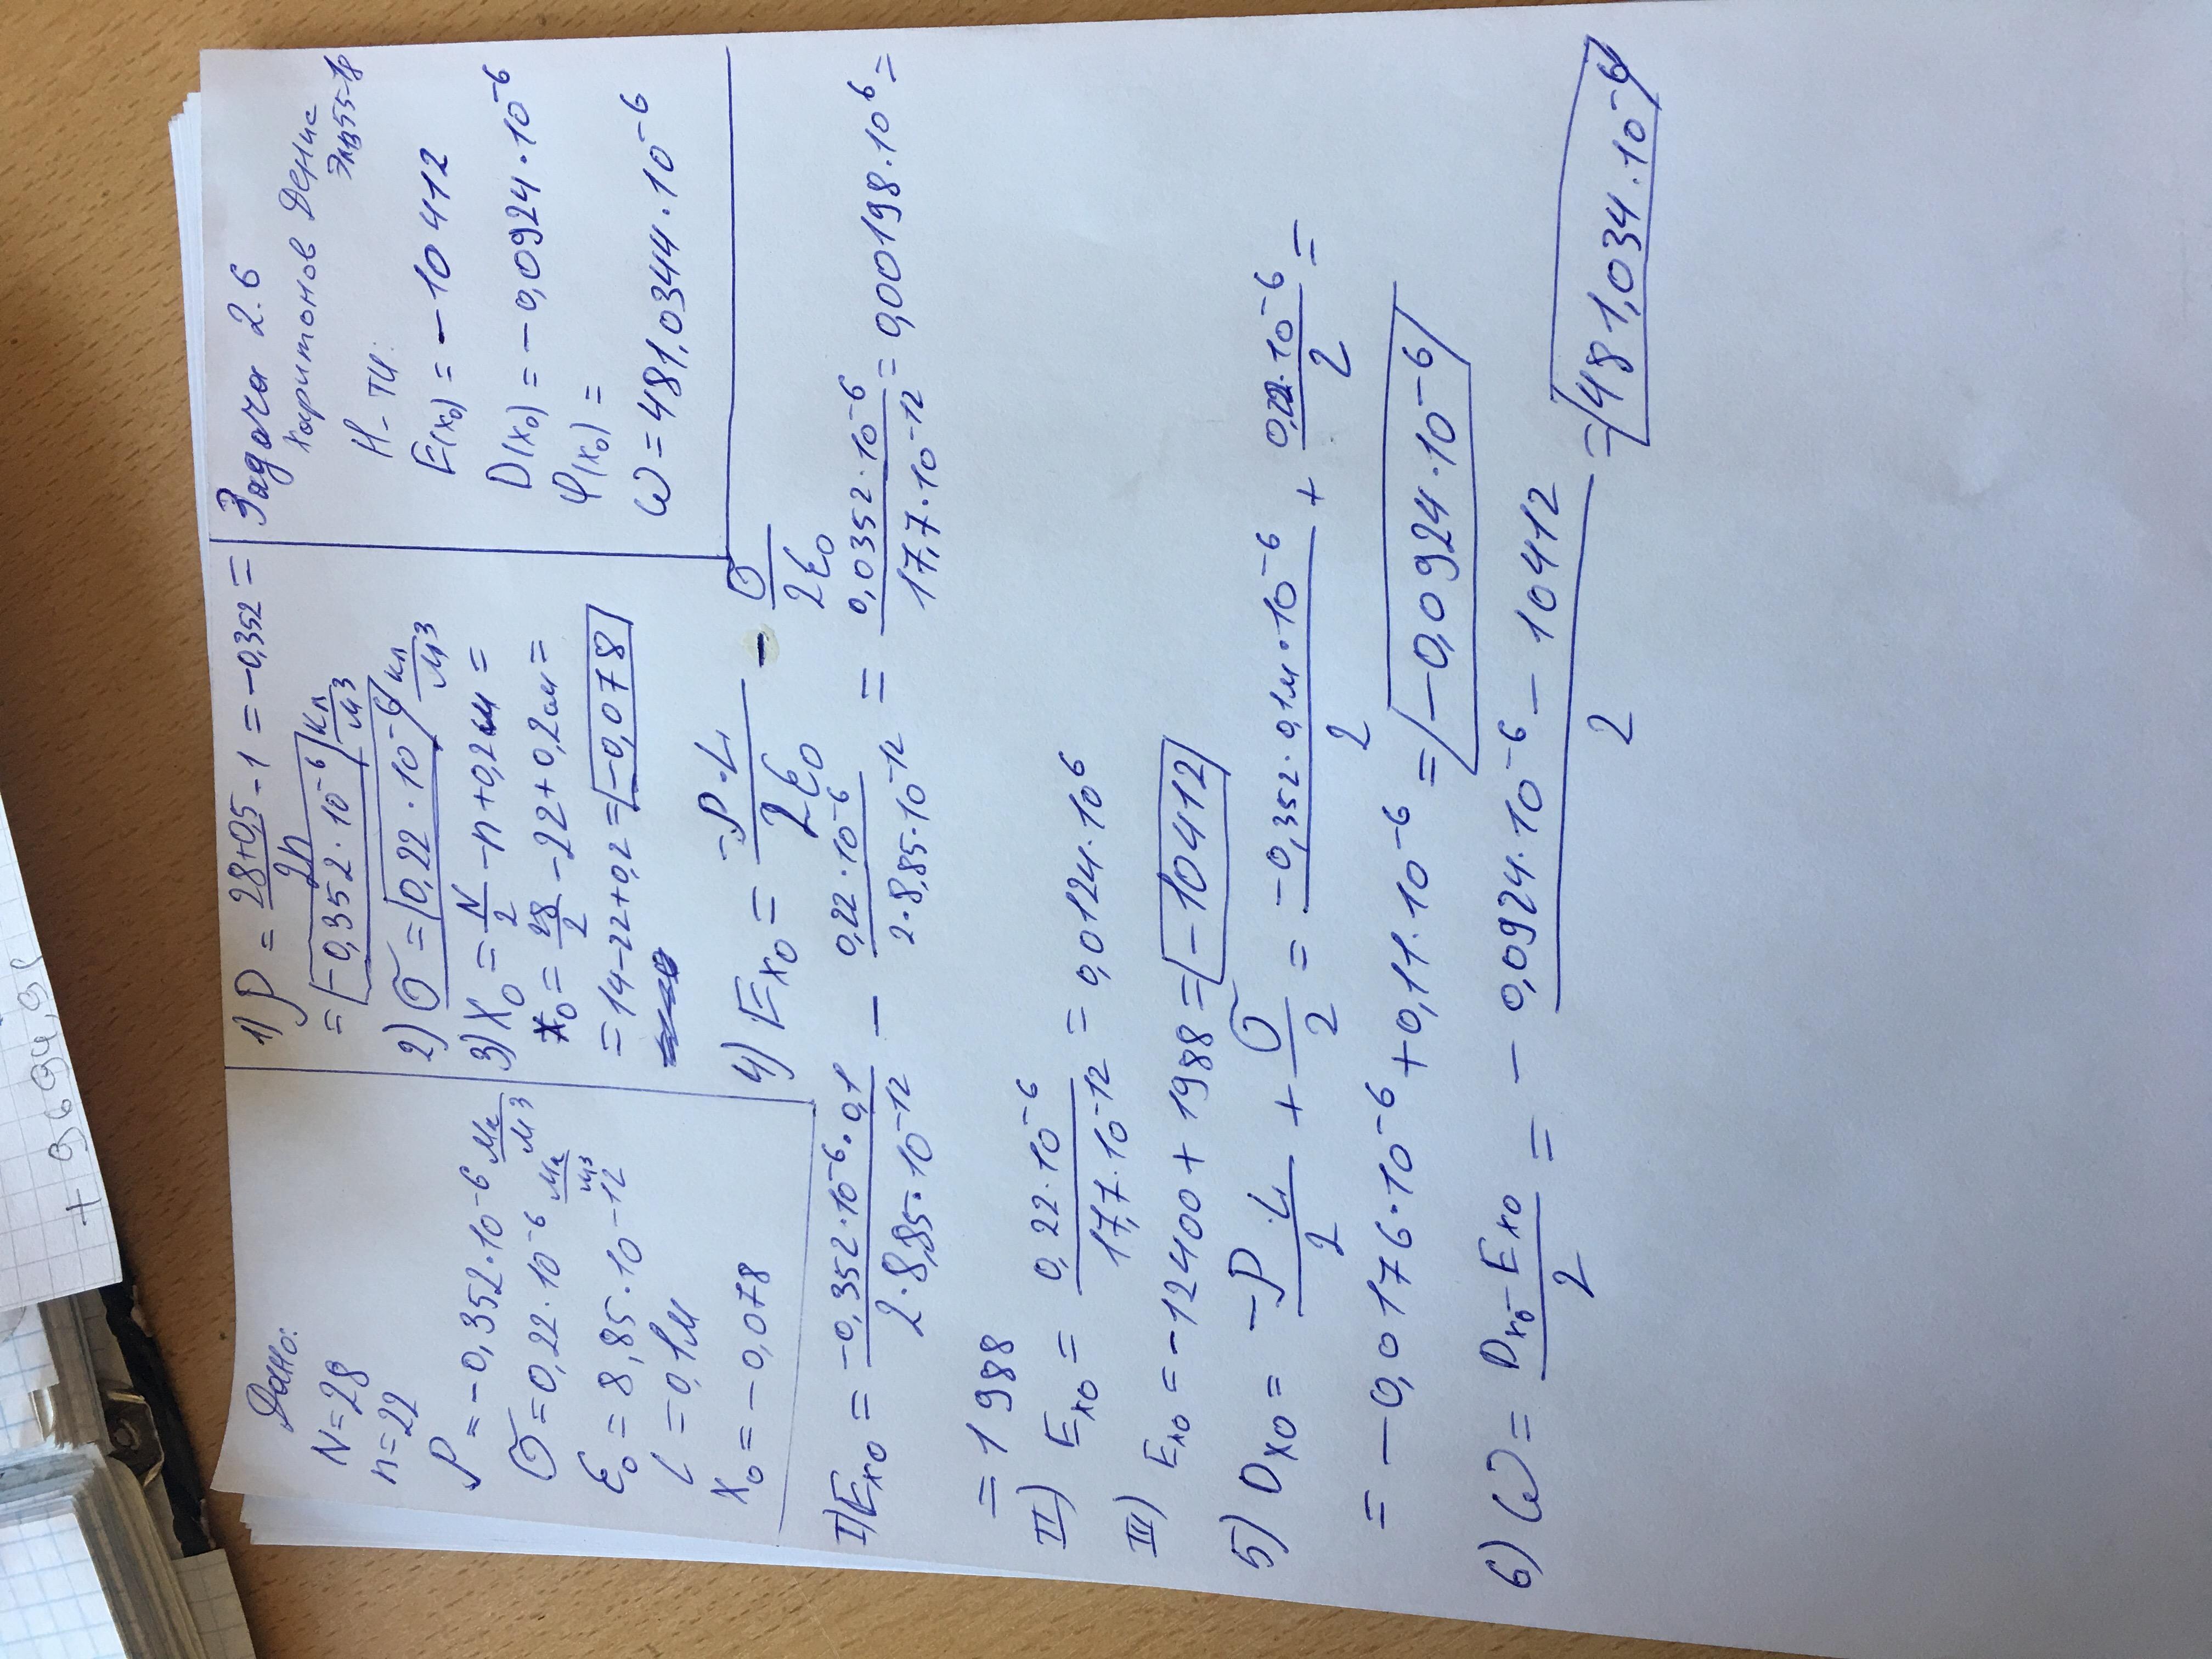 Помогите найти Ф(х0) и построить графики